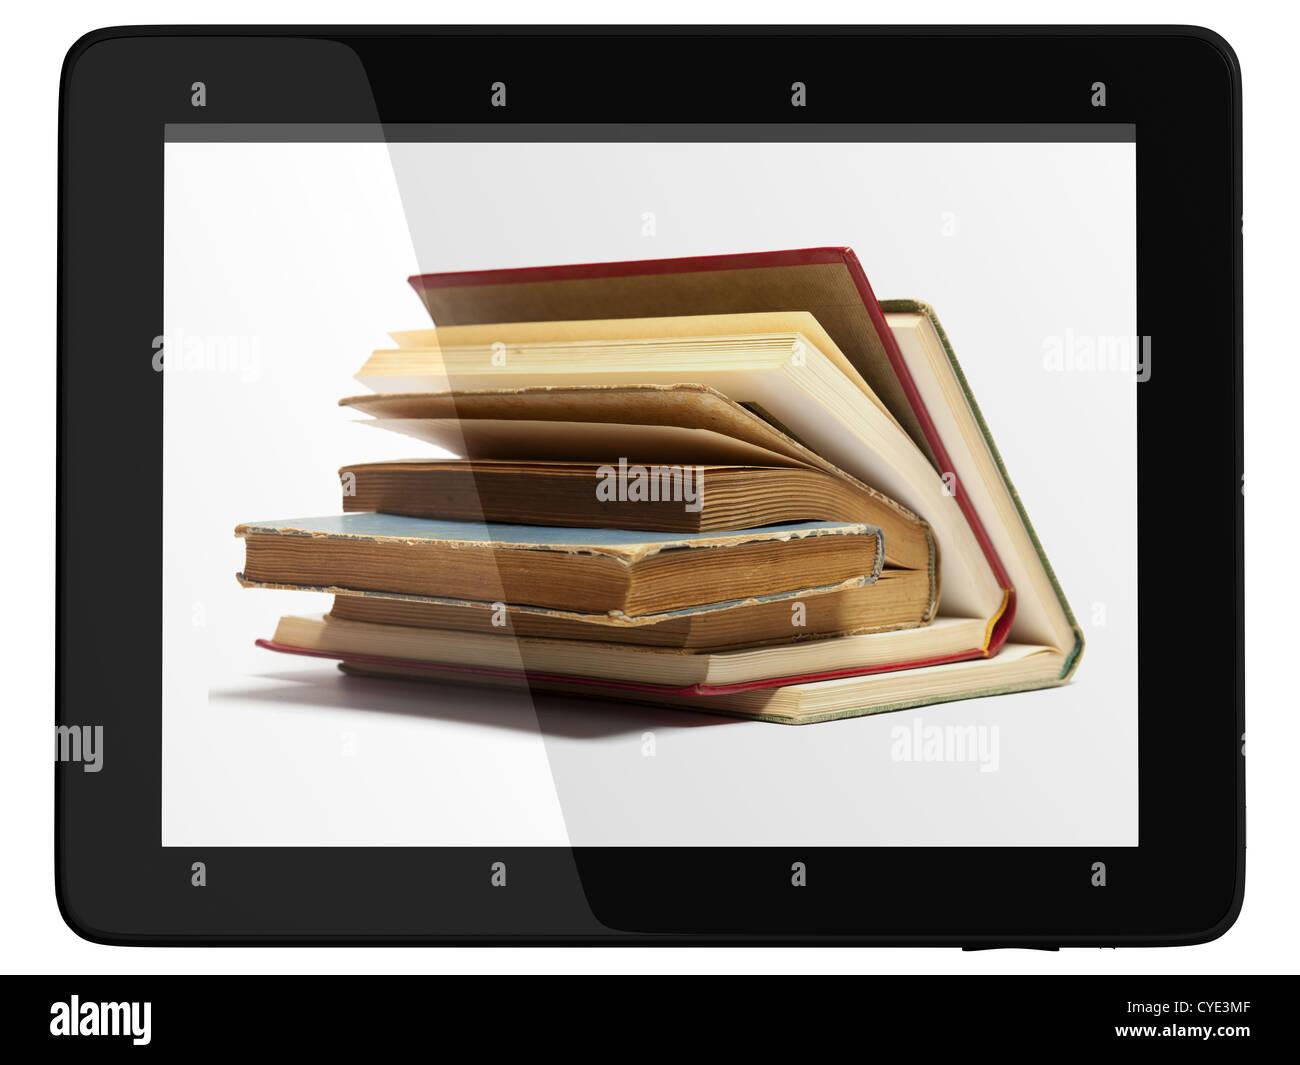 Livre et le modèle 3D ordinateur teblet isolé sur blanc, concept de bibliothèque numérique Photo Stock